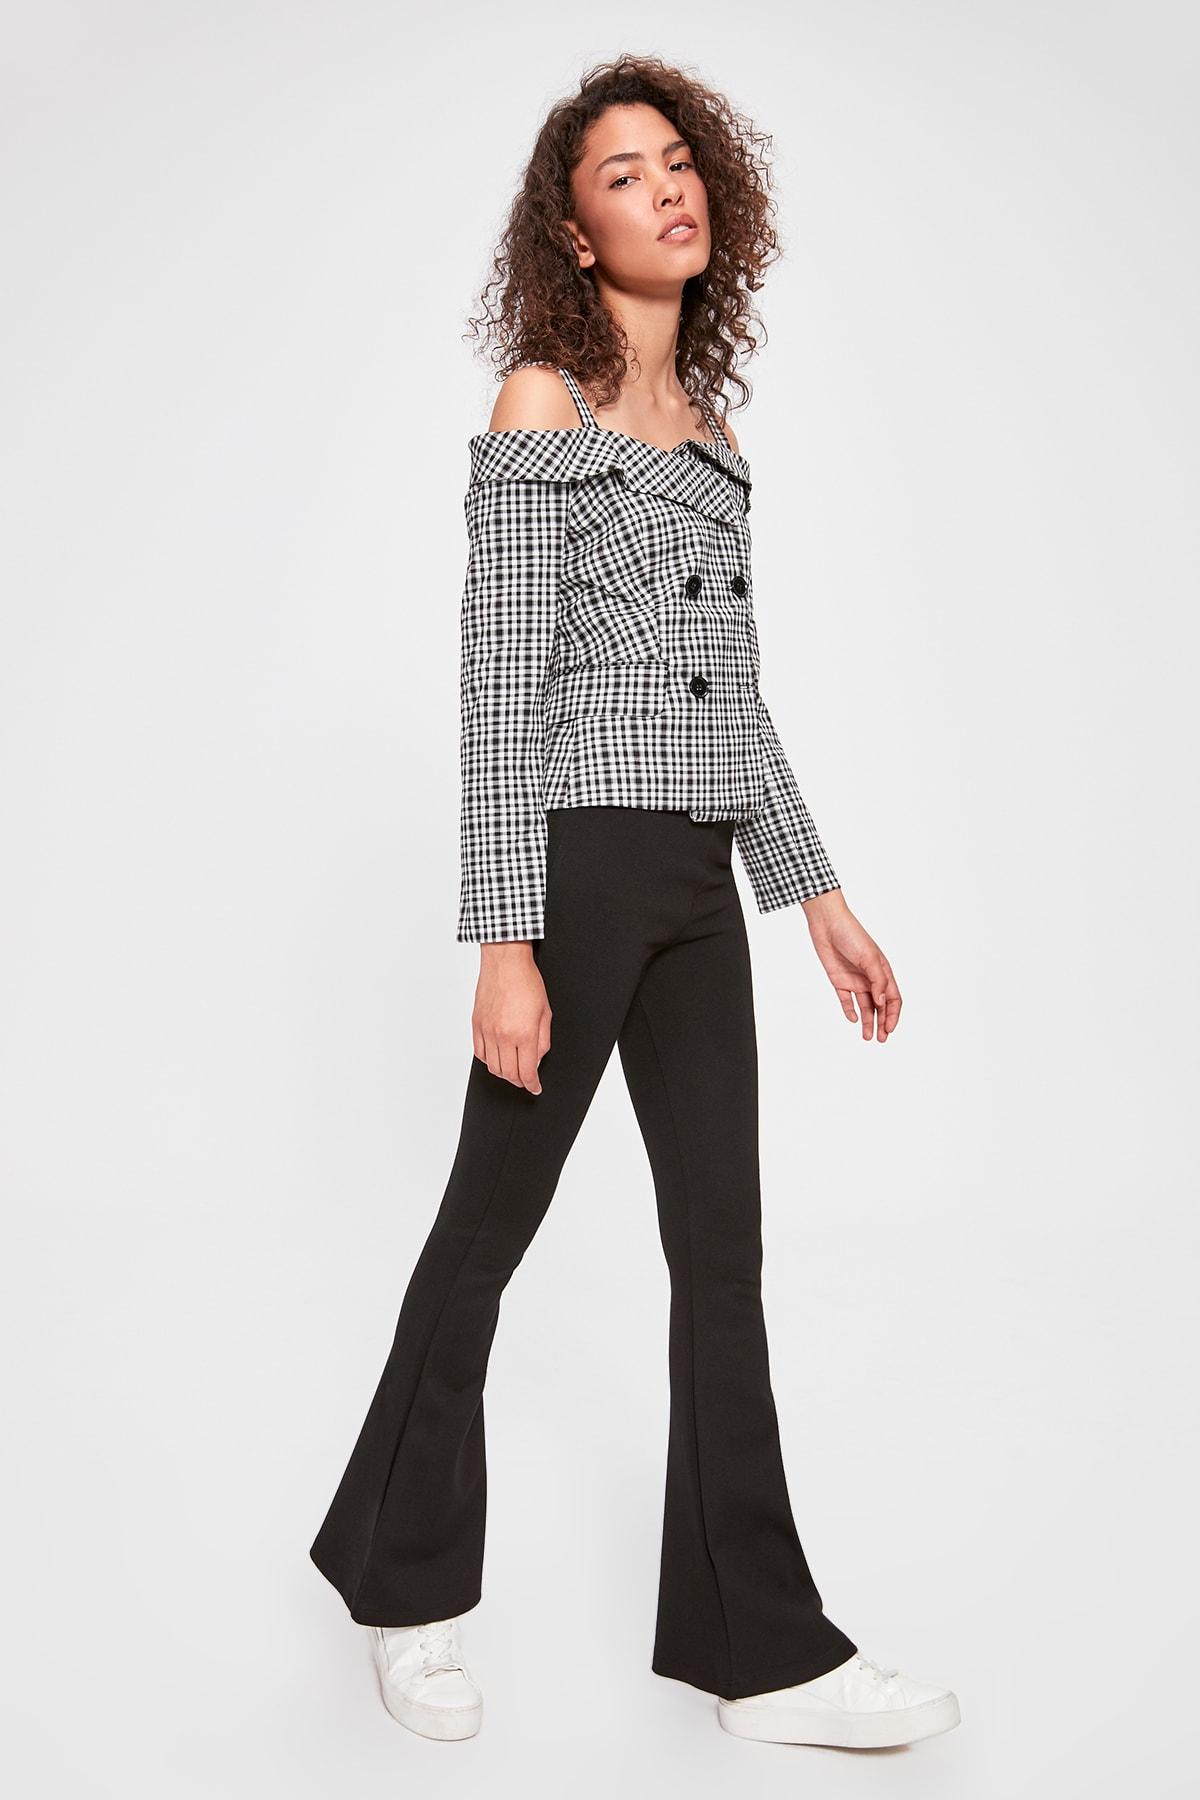 Trendyol Black Flare Bell-Bottomed Knitted Leggings Pants TWOAW20PL0386